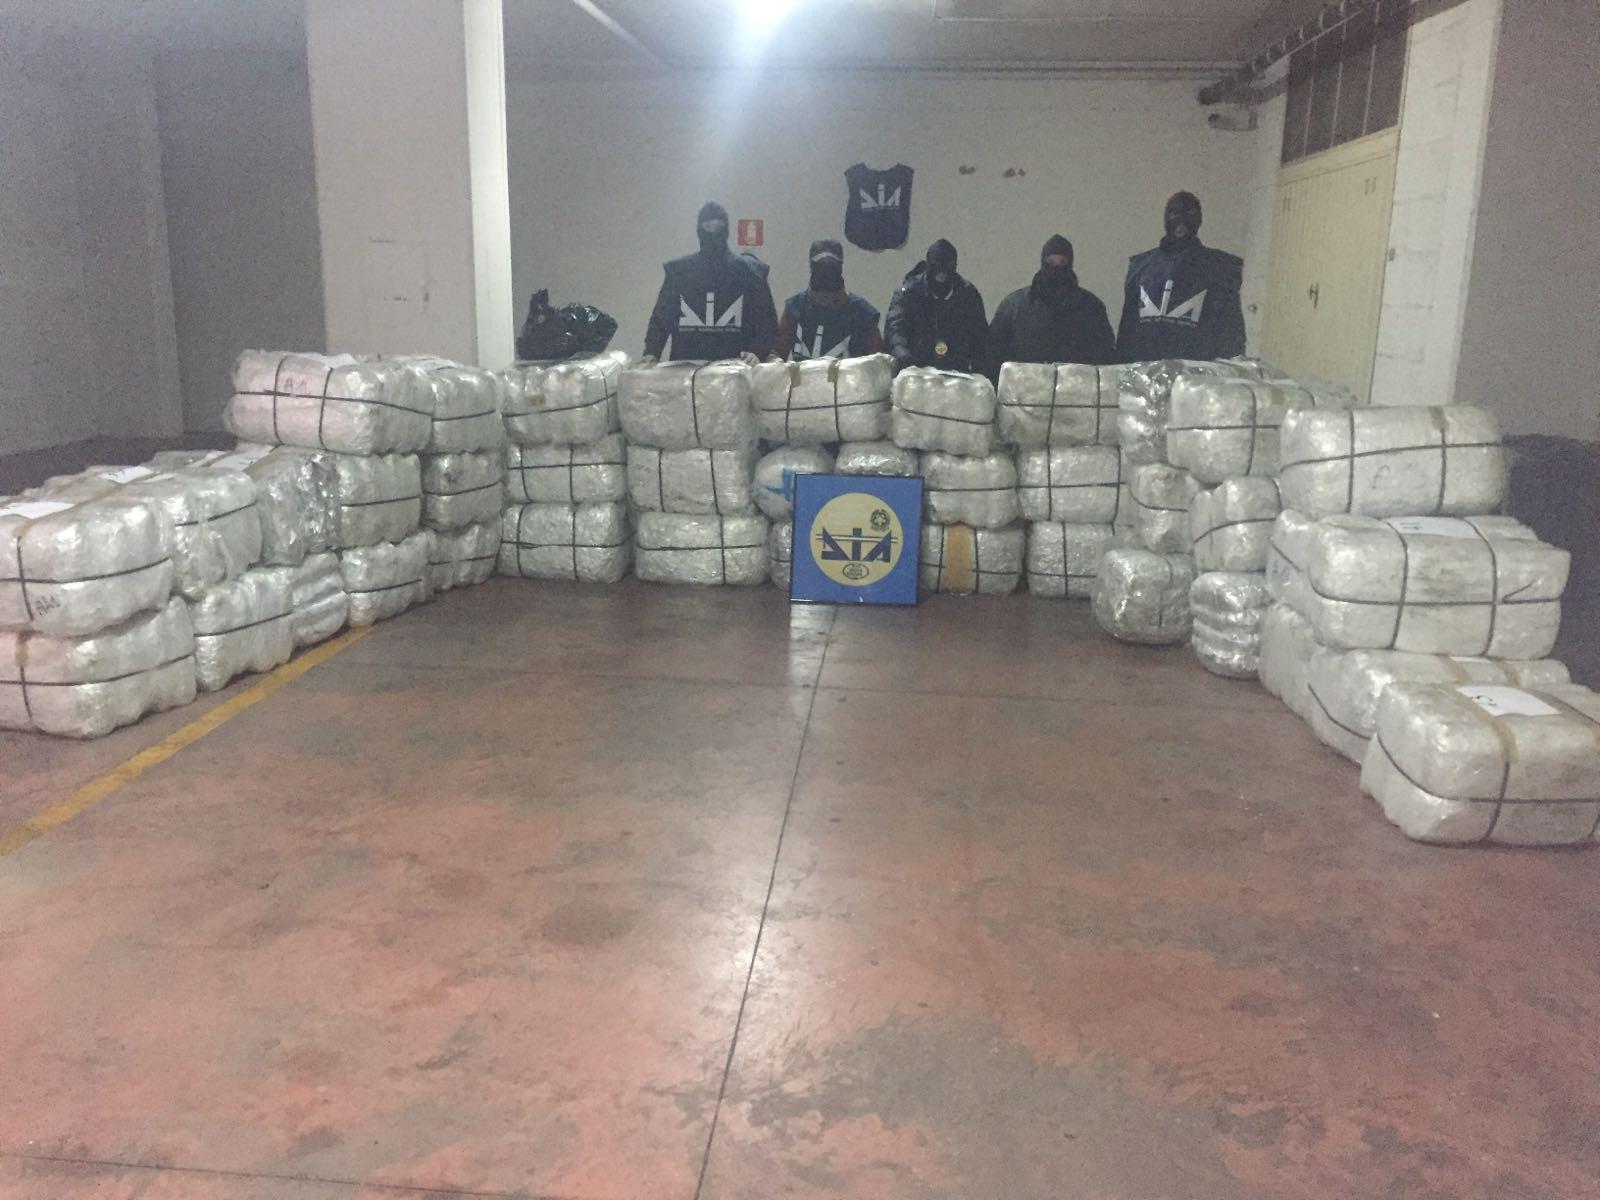 Goditet banda italo-shqiptare e drogës, 43 në pranga